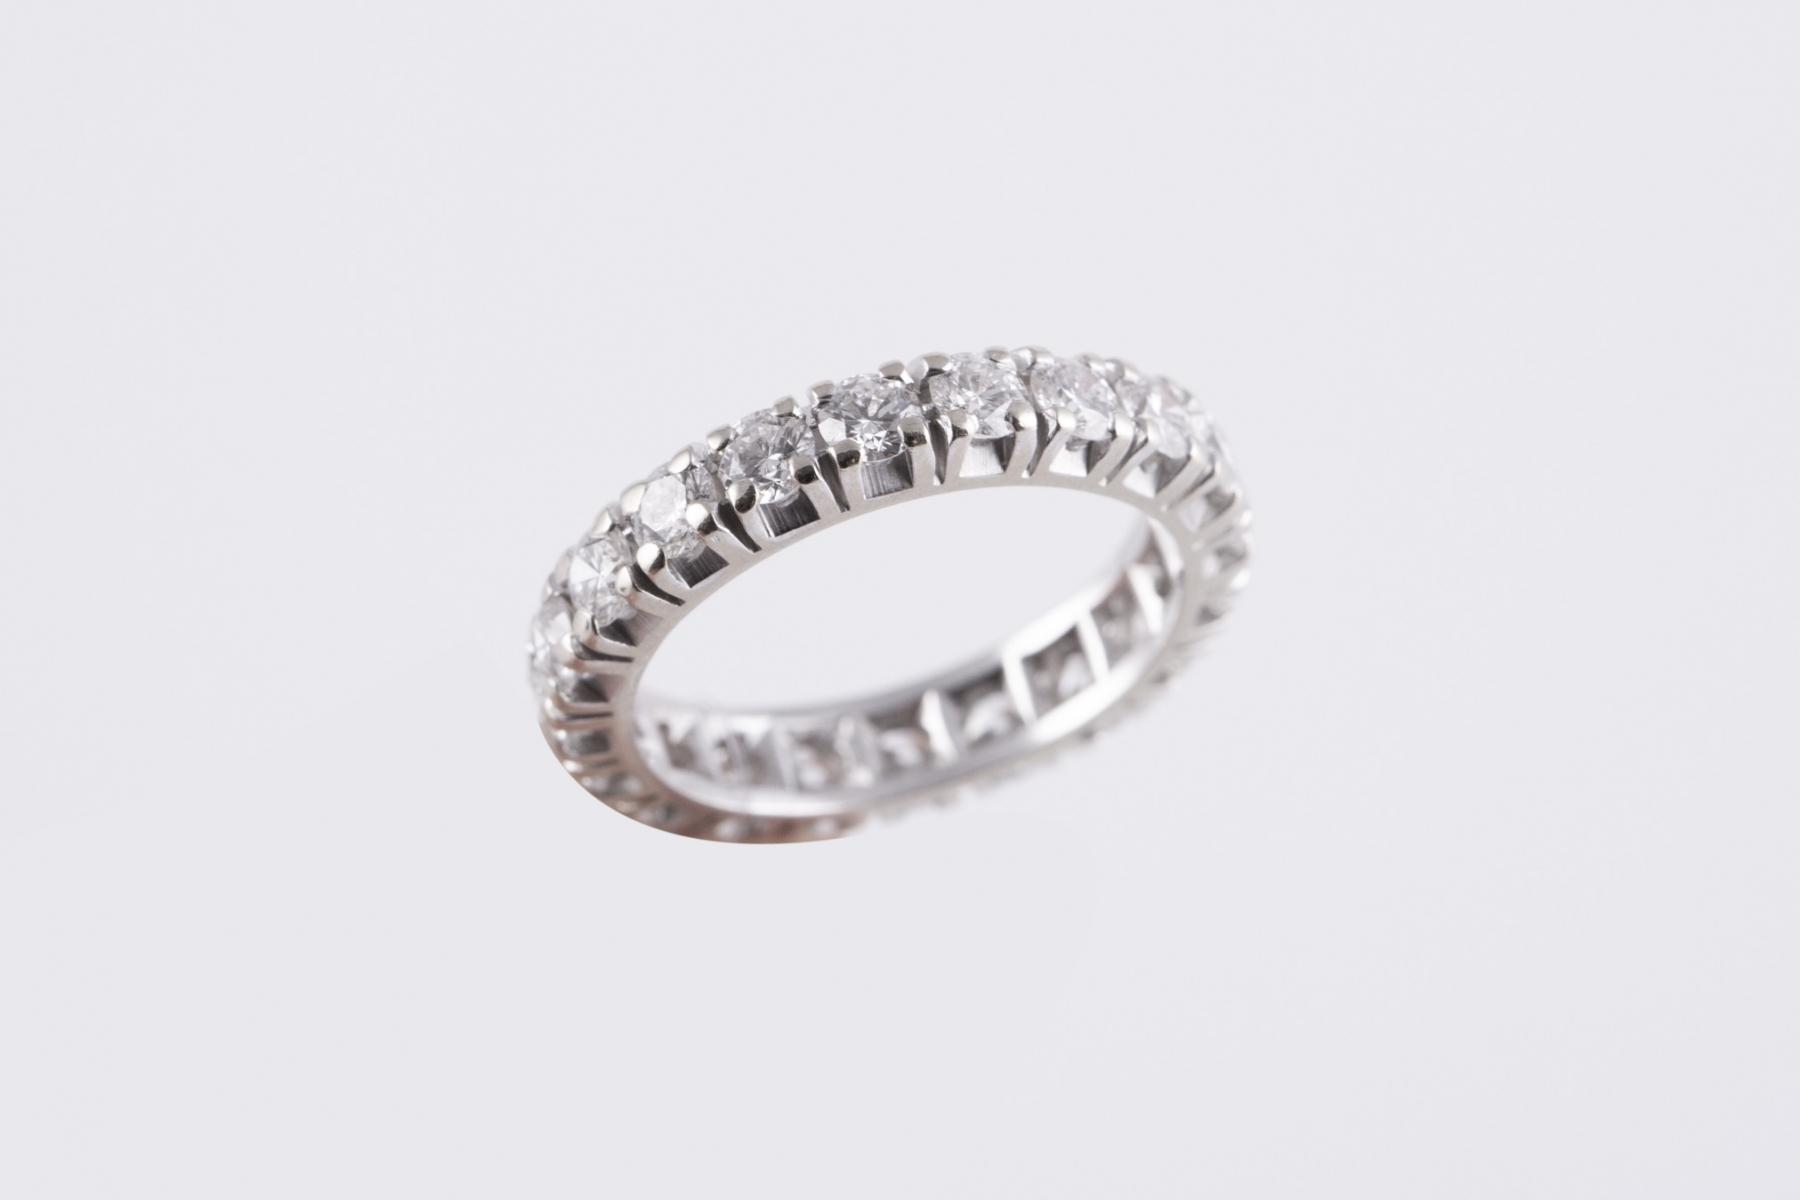 64 - Alliance américaine en or blanc sertie de diamants pour un poids d'environ 2cts. Adjugé 1313€